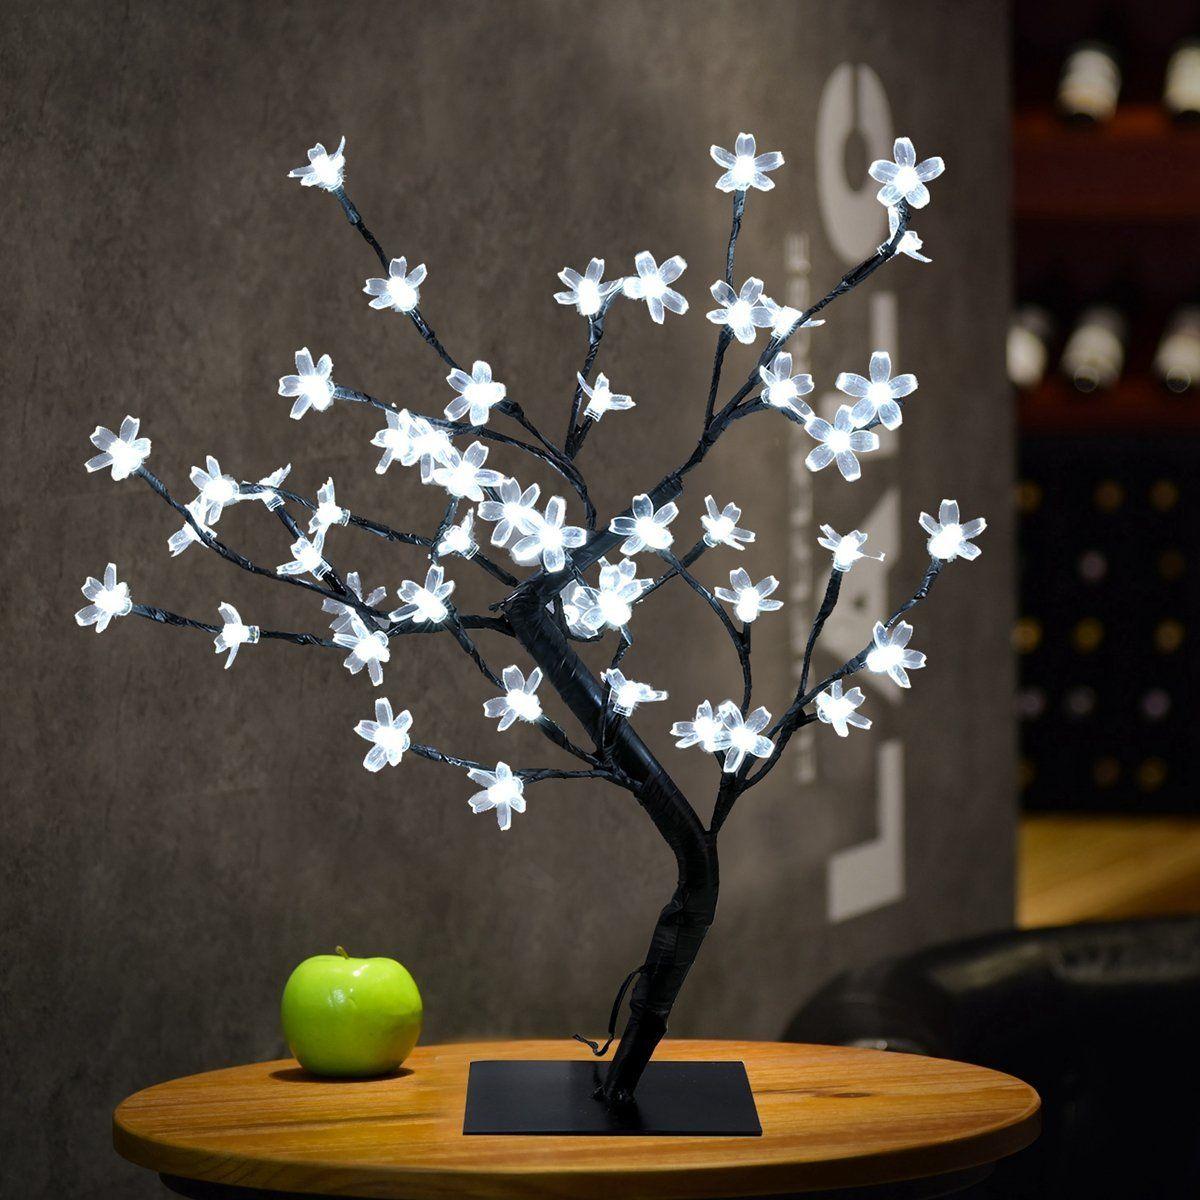 Crystal Cherry Blossom 48 LEDs Lumière d'arbre Lumières de nuit Lampe de table 45cm Branches noires Éclairage Fête de noel Fleurs de fleurs de mariage LED